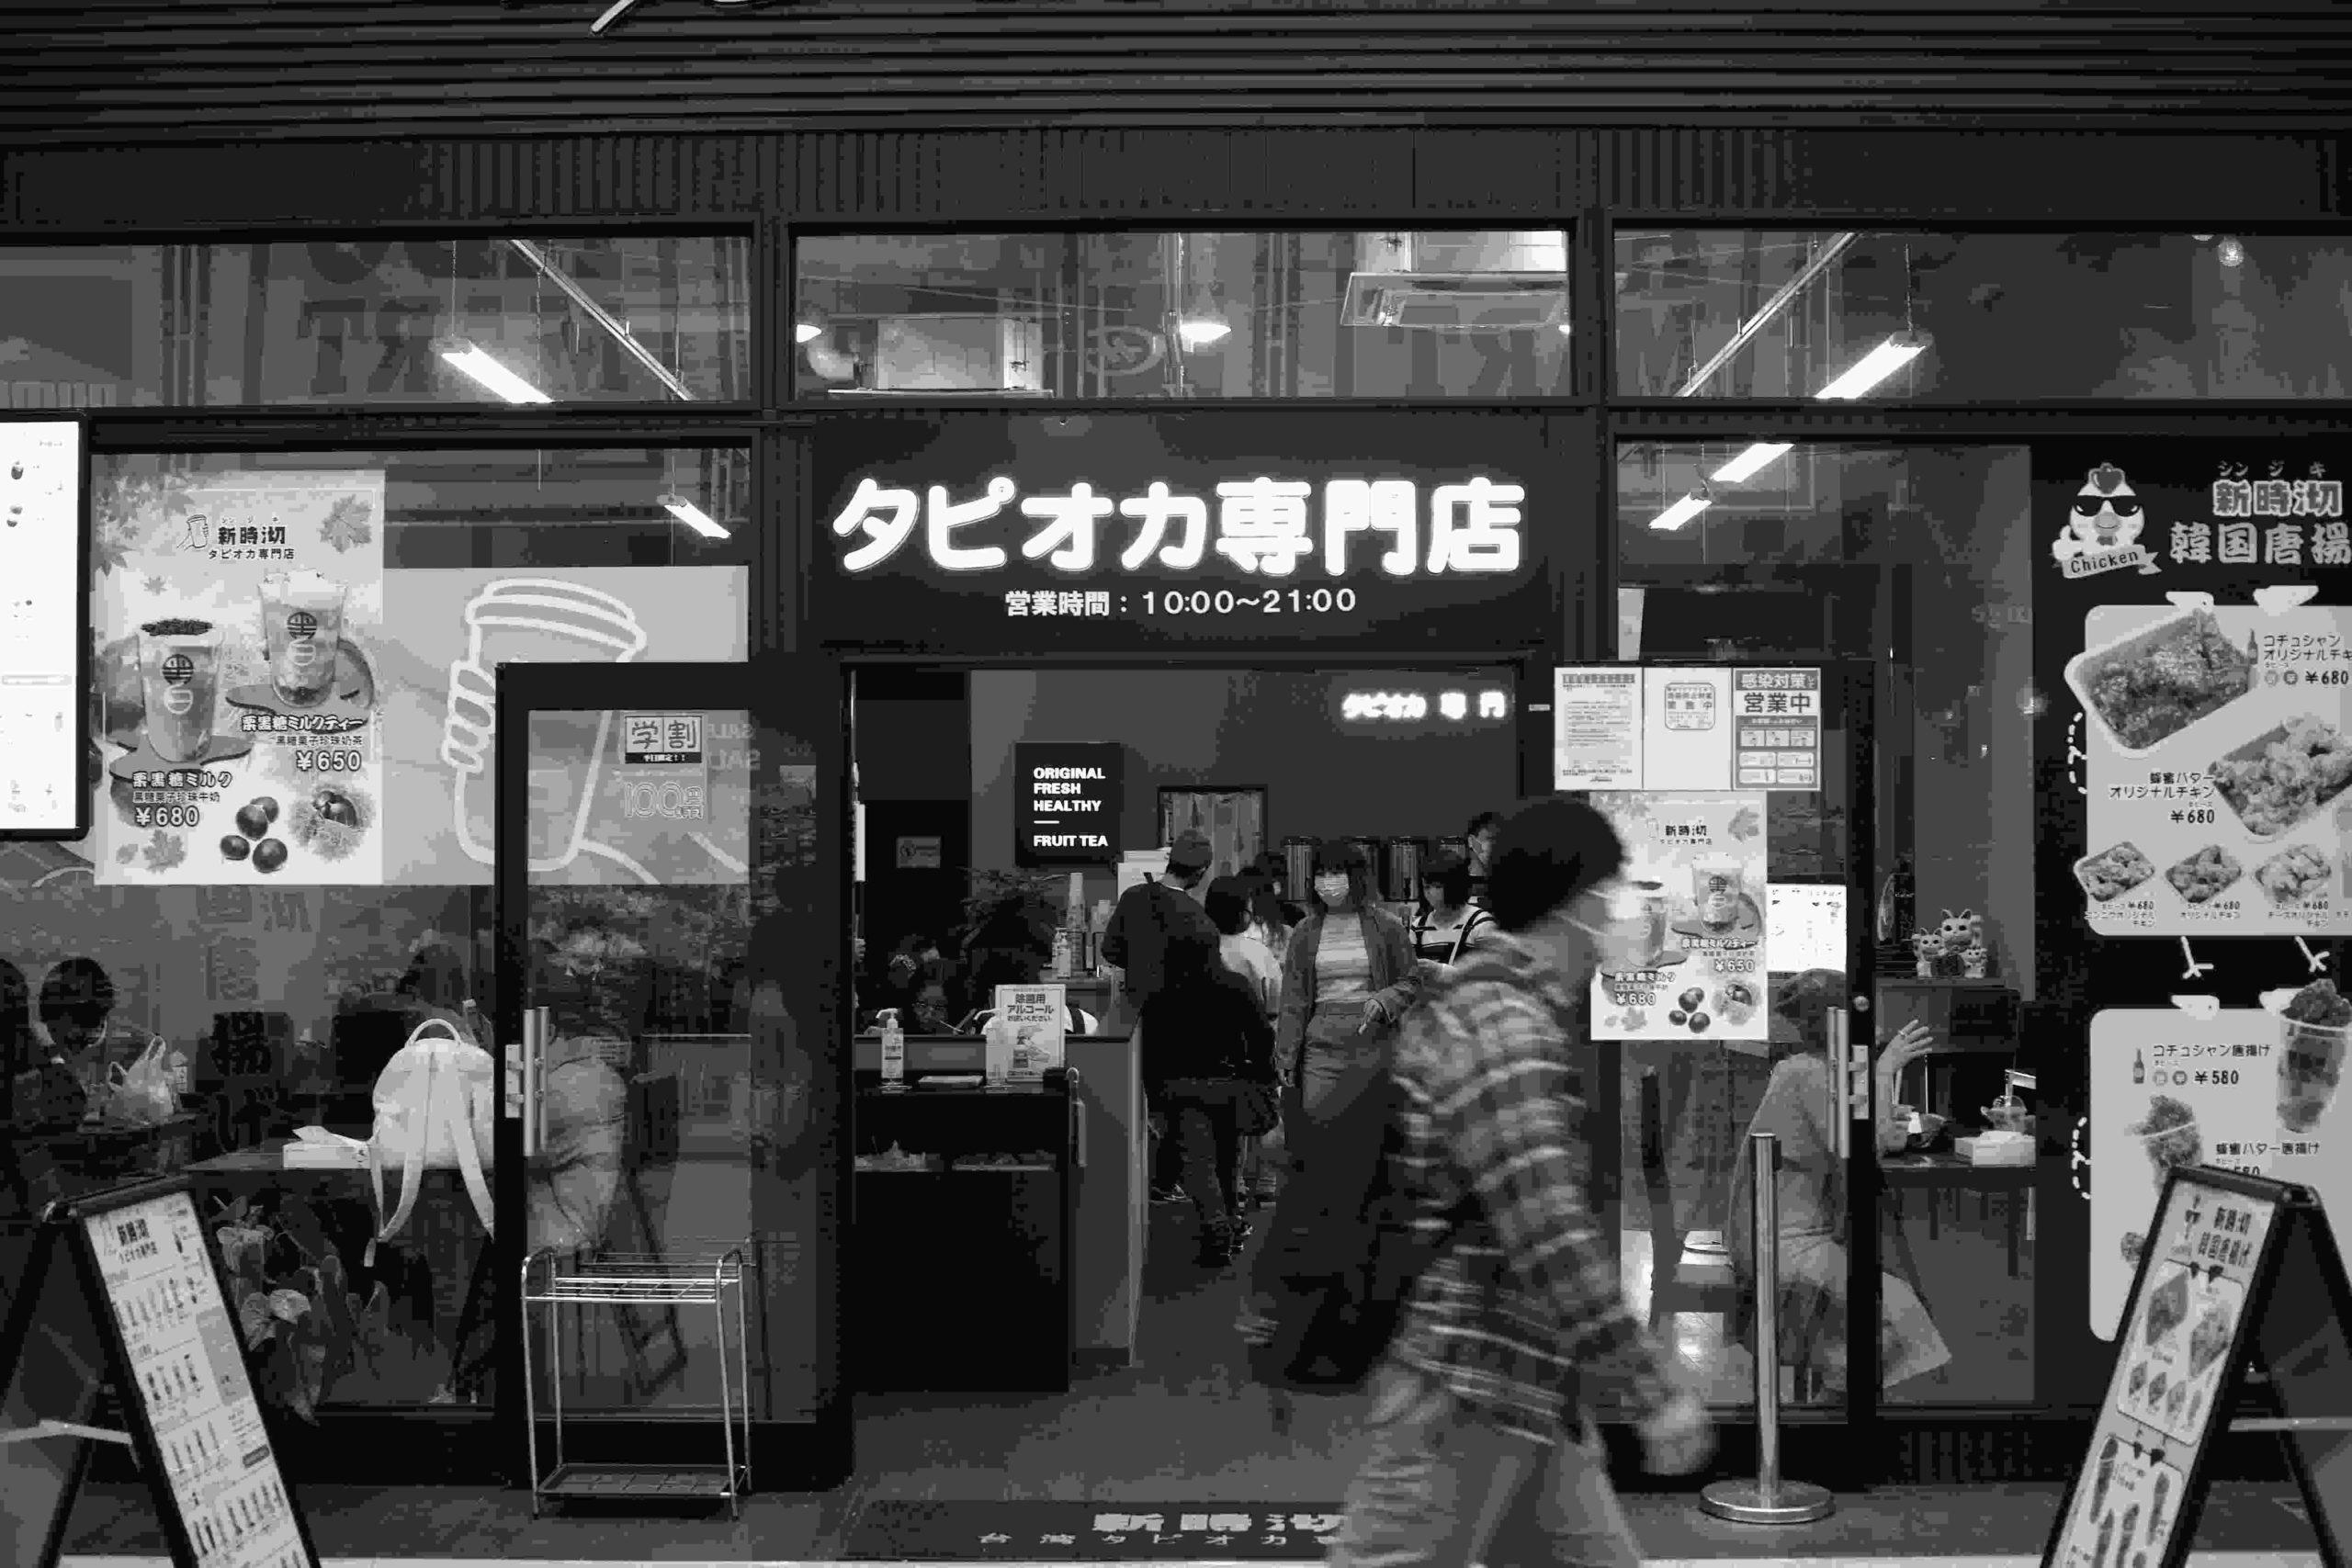 【モノクロの世界】 「SIGMA DP2 Merrill」を連れて、スナップショット@愛知県大須